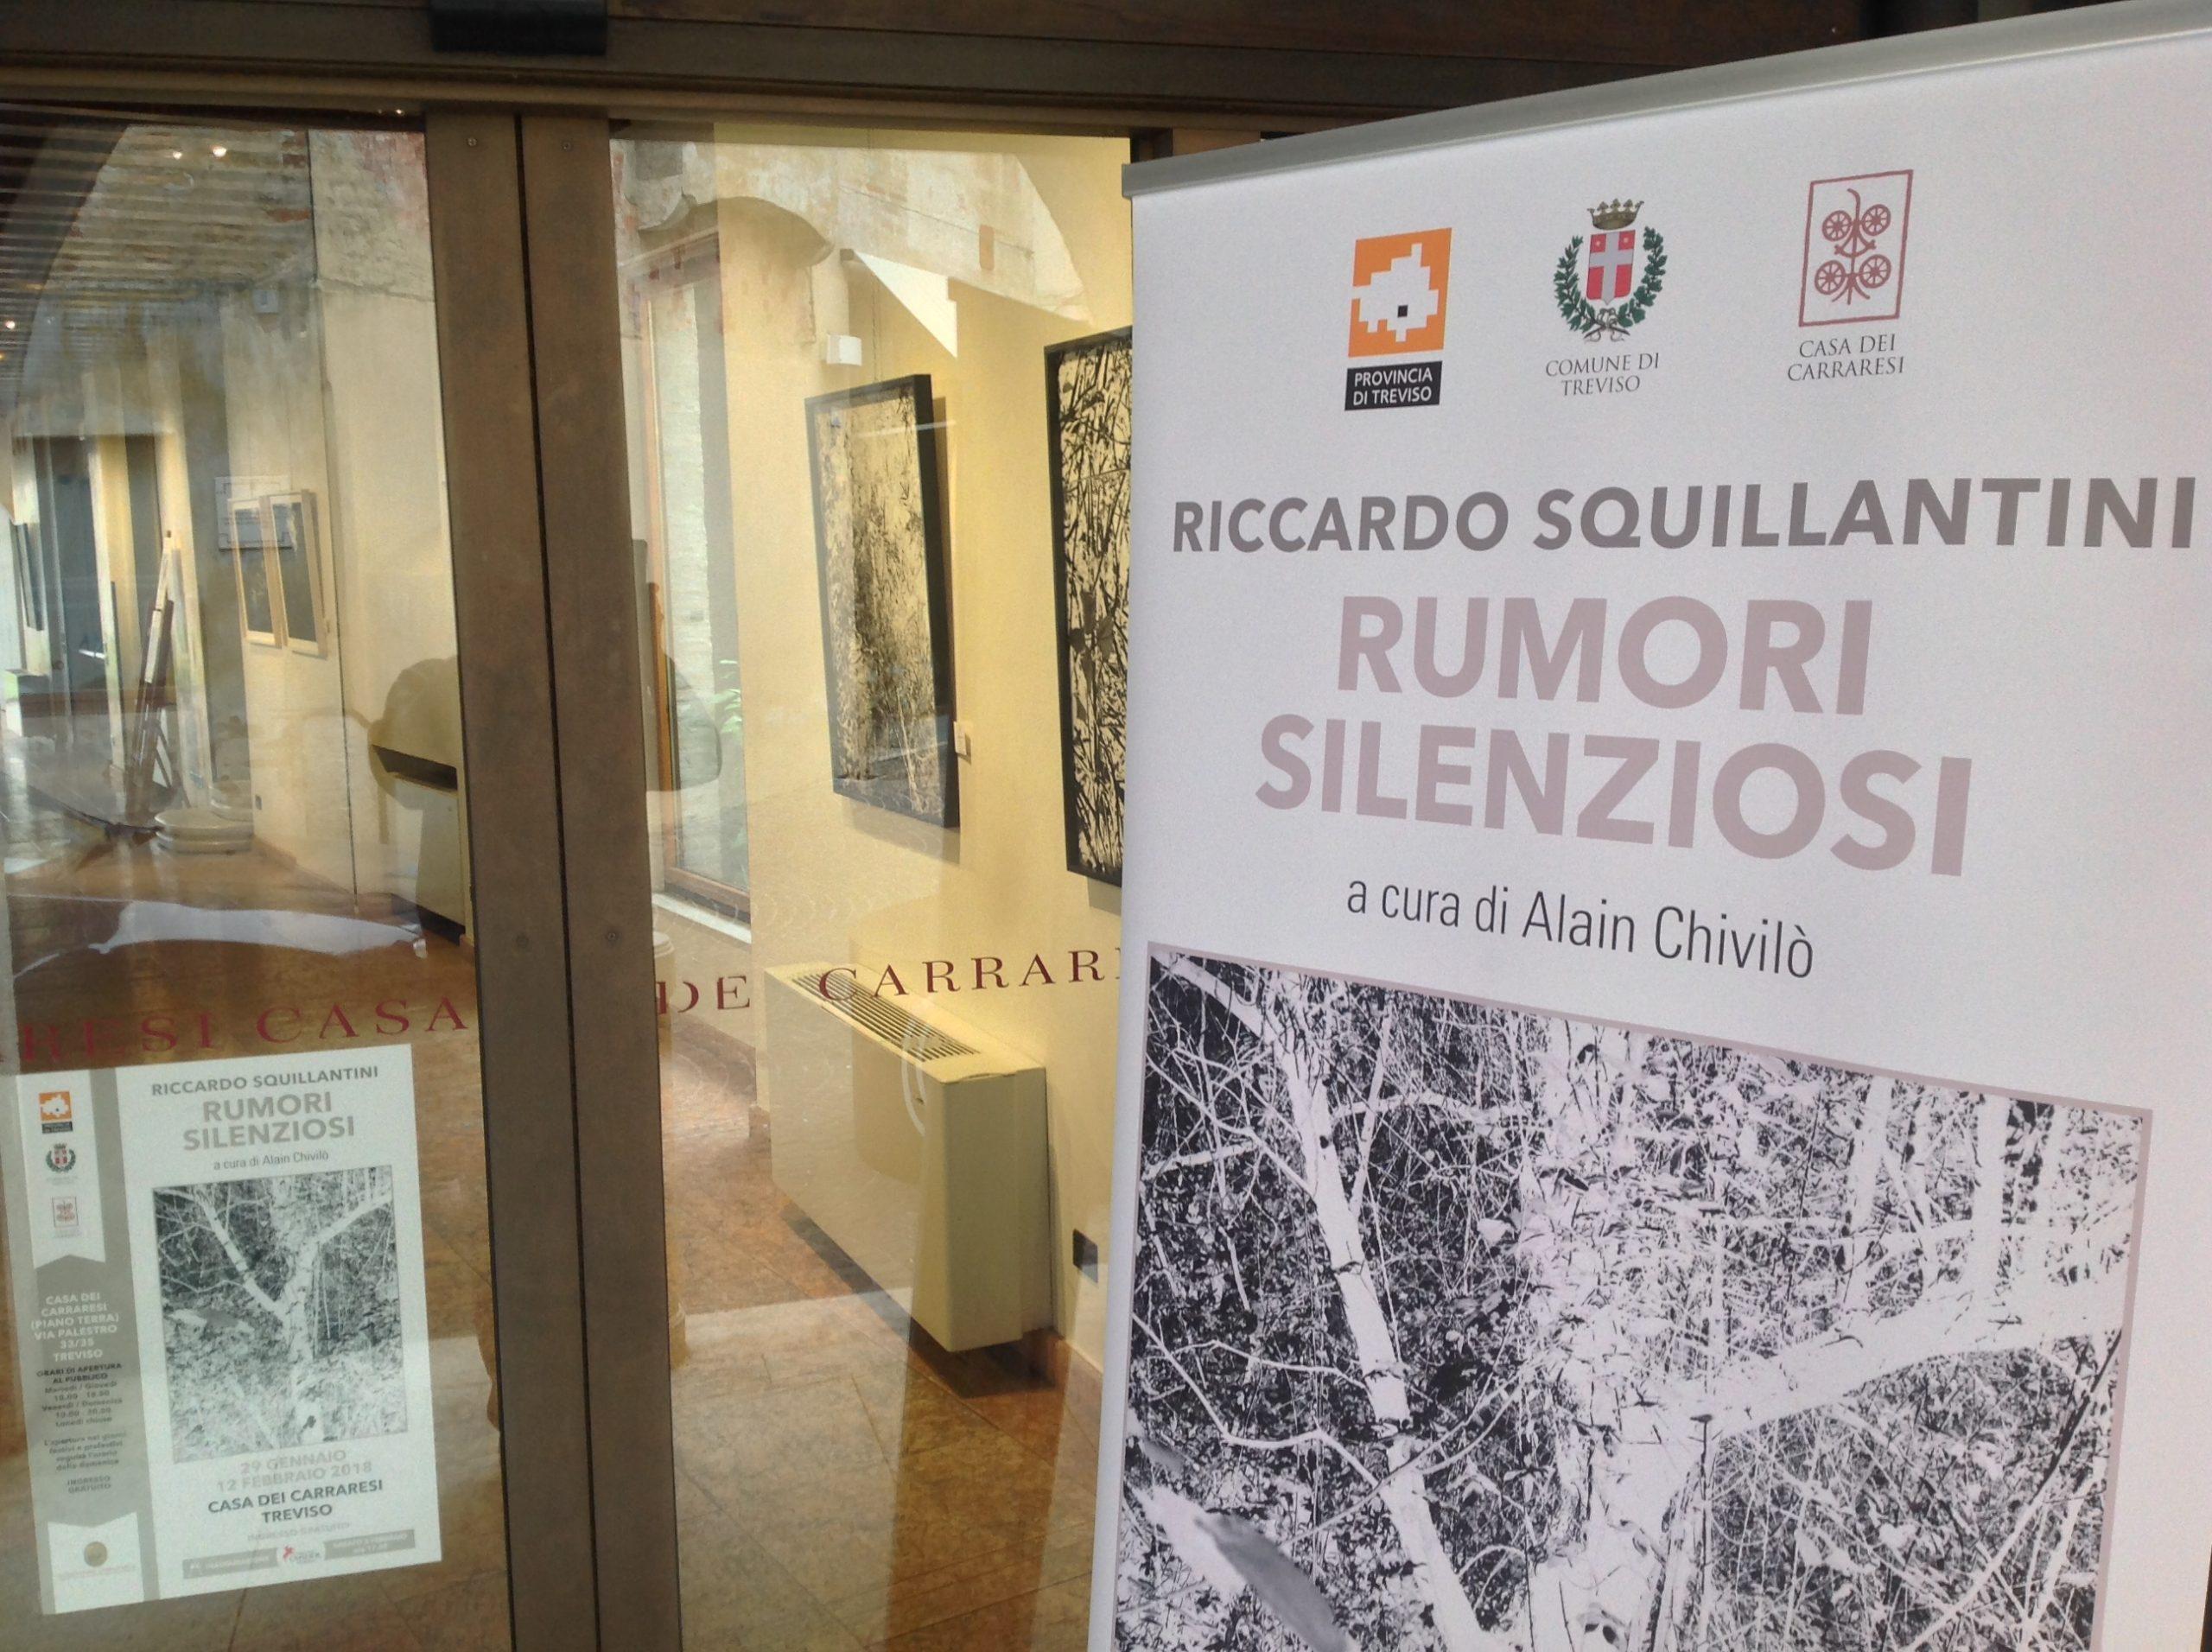 Riccardo Squillantini, Rumori silenziosi, mostra personale, a cura di Alain Chivilò_Casa dei Carraresi_Treviso (1)